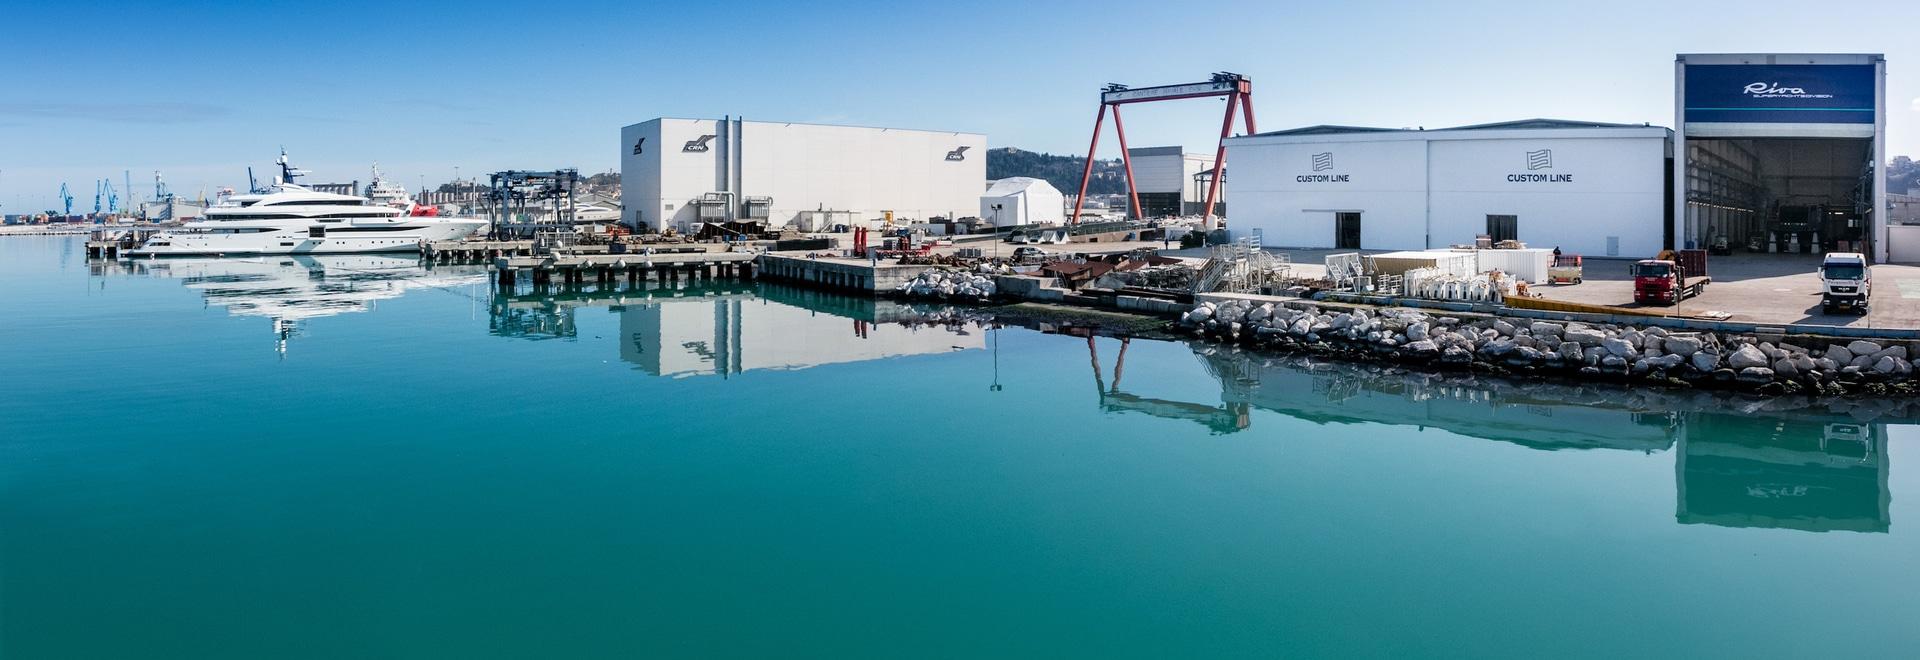 CRN pour établir la nouvelle coutume 60m Nuvolari Lenard-a conçu le yacht de moteur